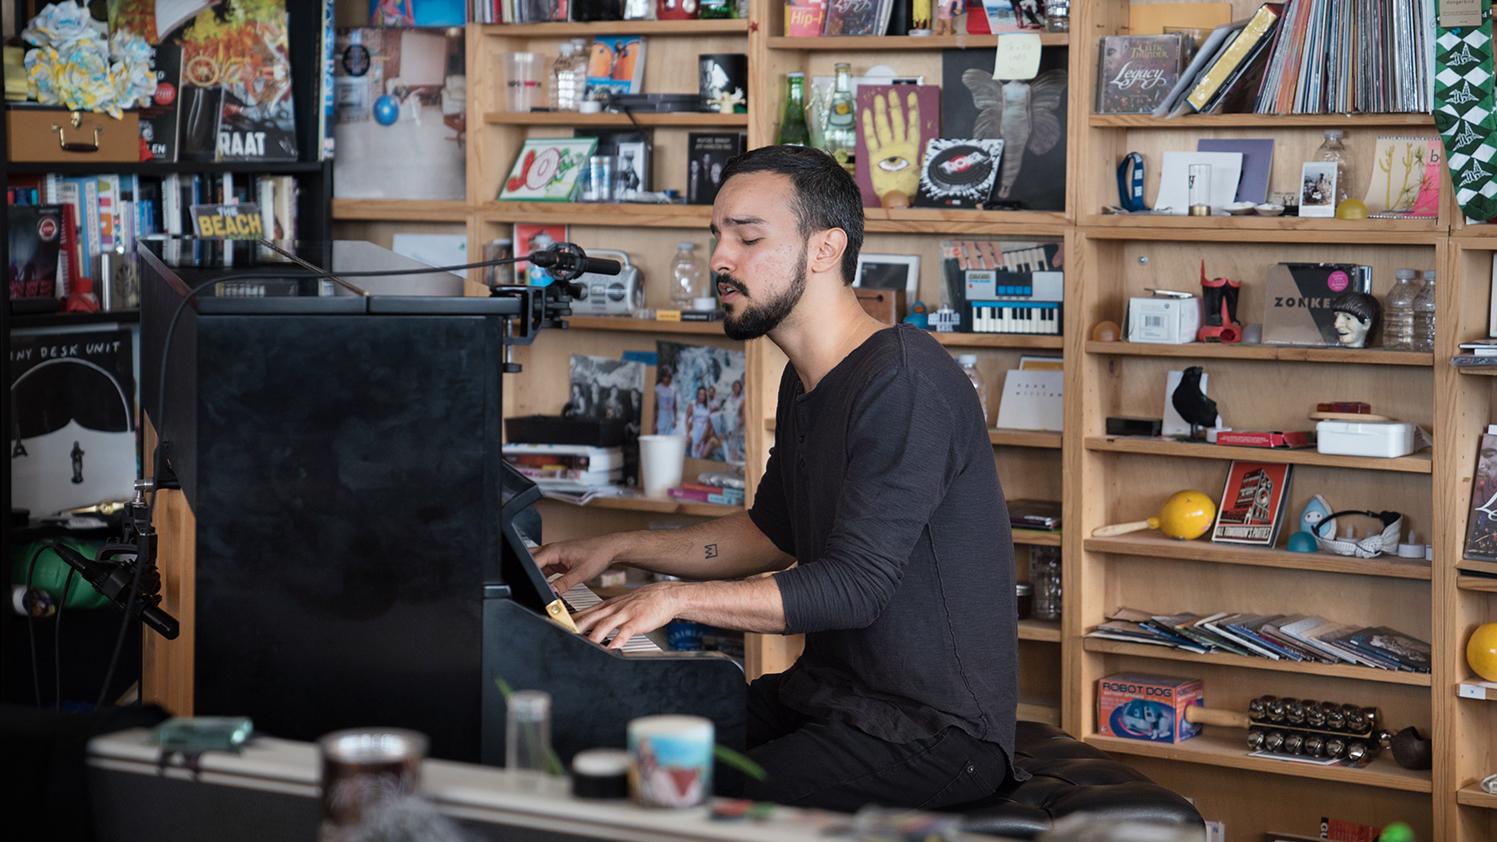 Gabriel Garzón Montano Tiny Desk Concert Npr